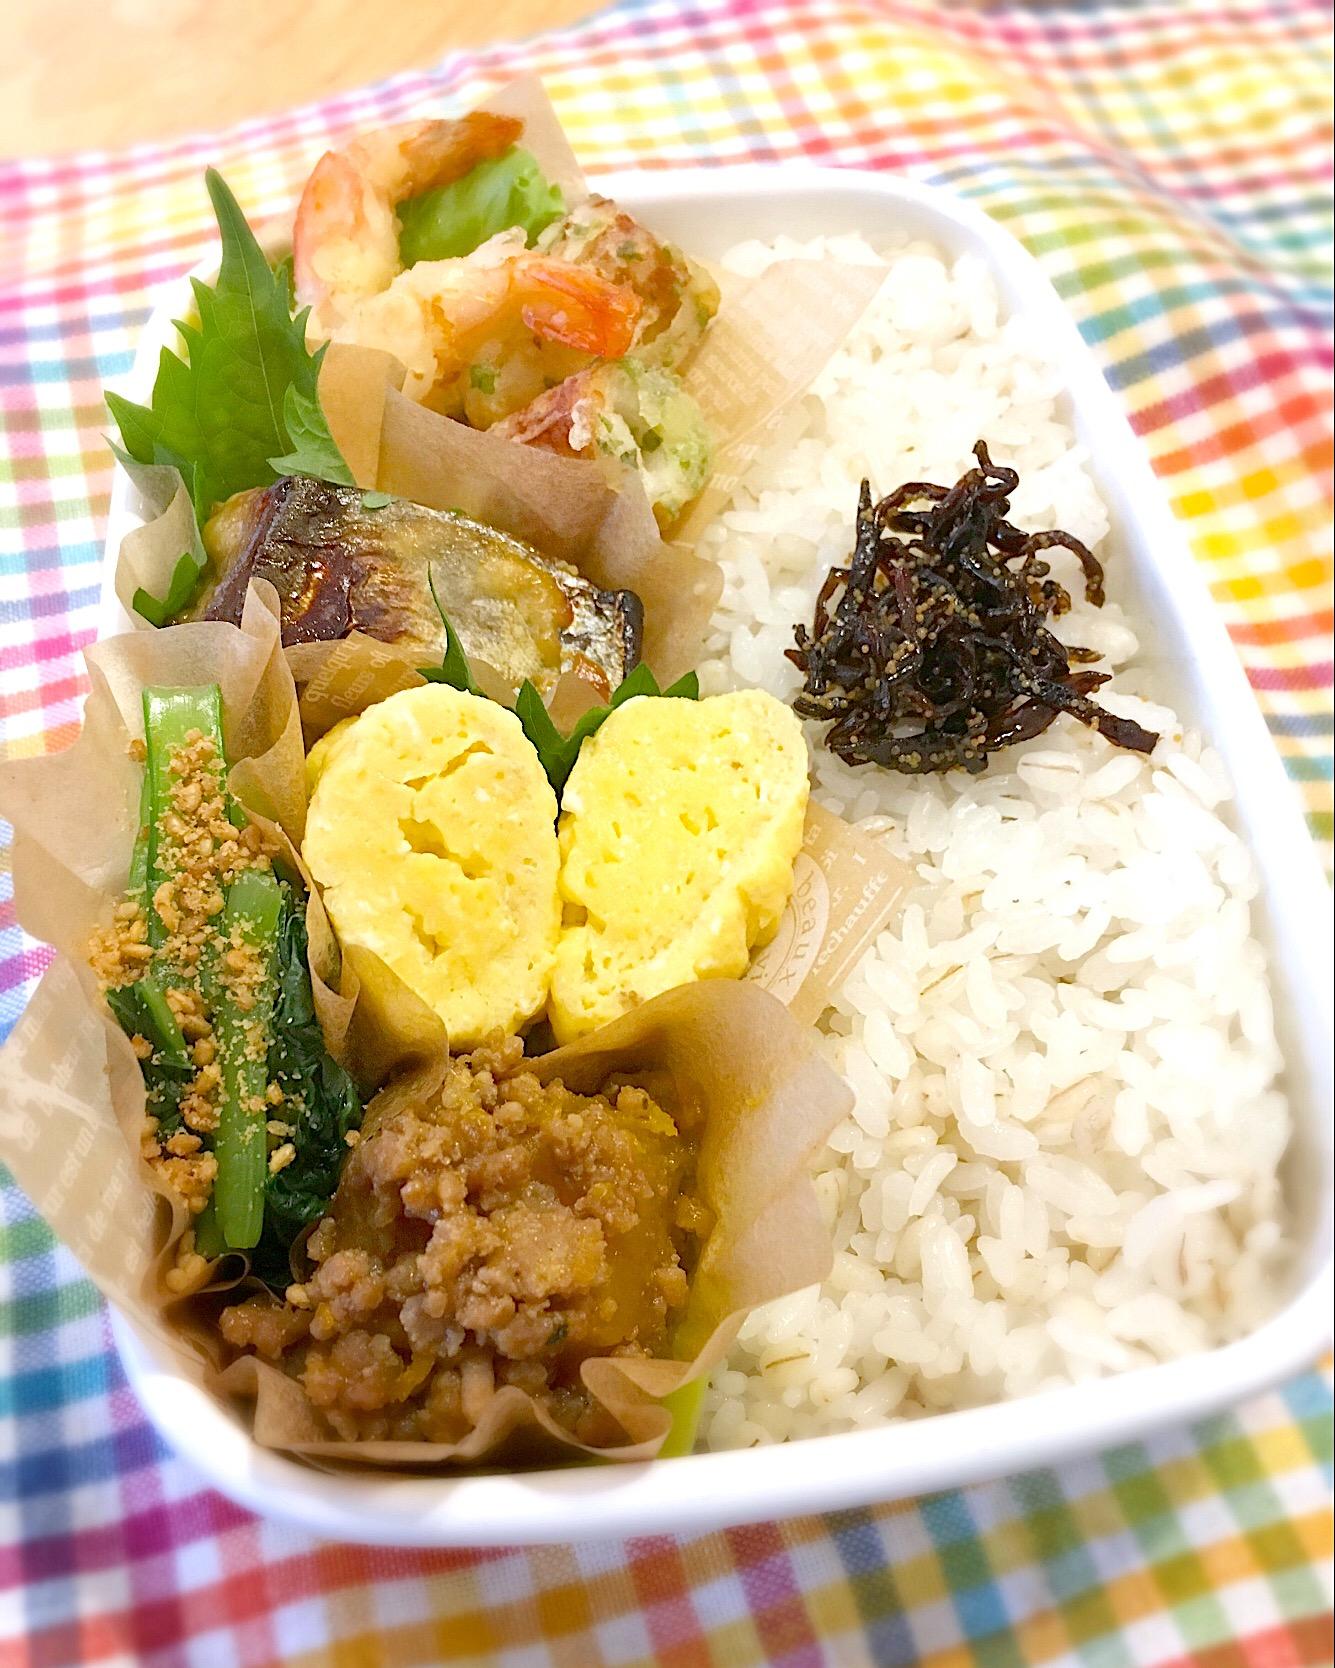 今日のパパ弁当は和食弁当? (簡単レンジだし巻き玉子の作り方あり?)